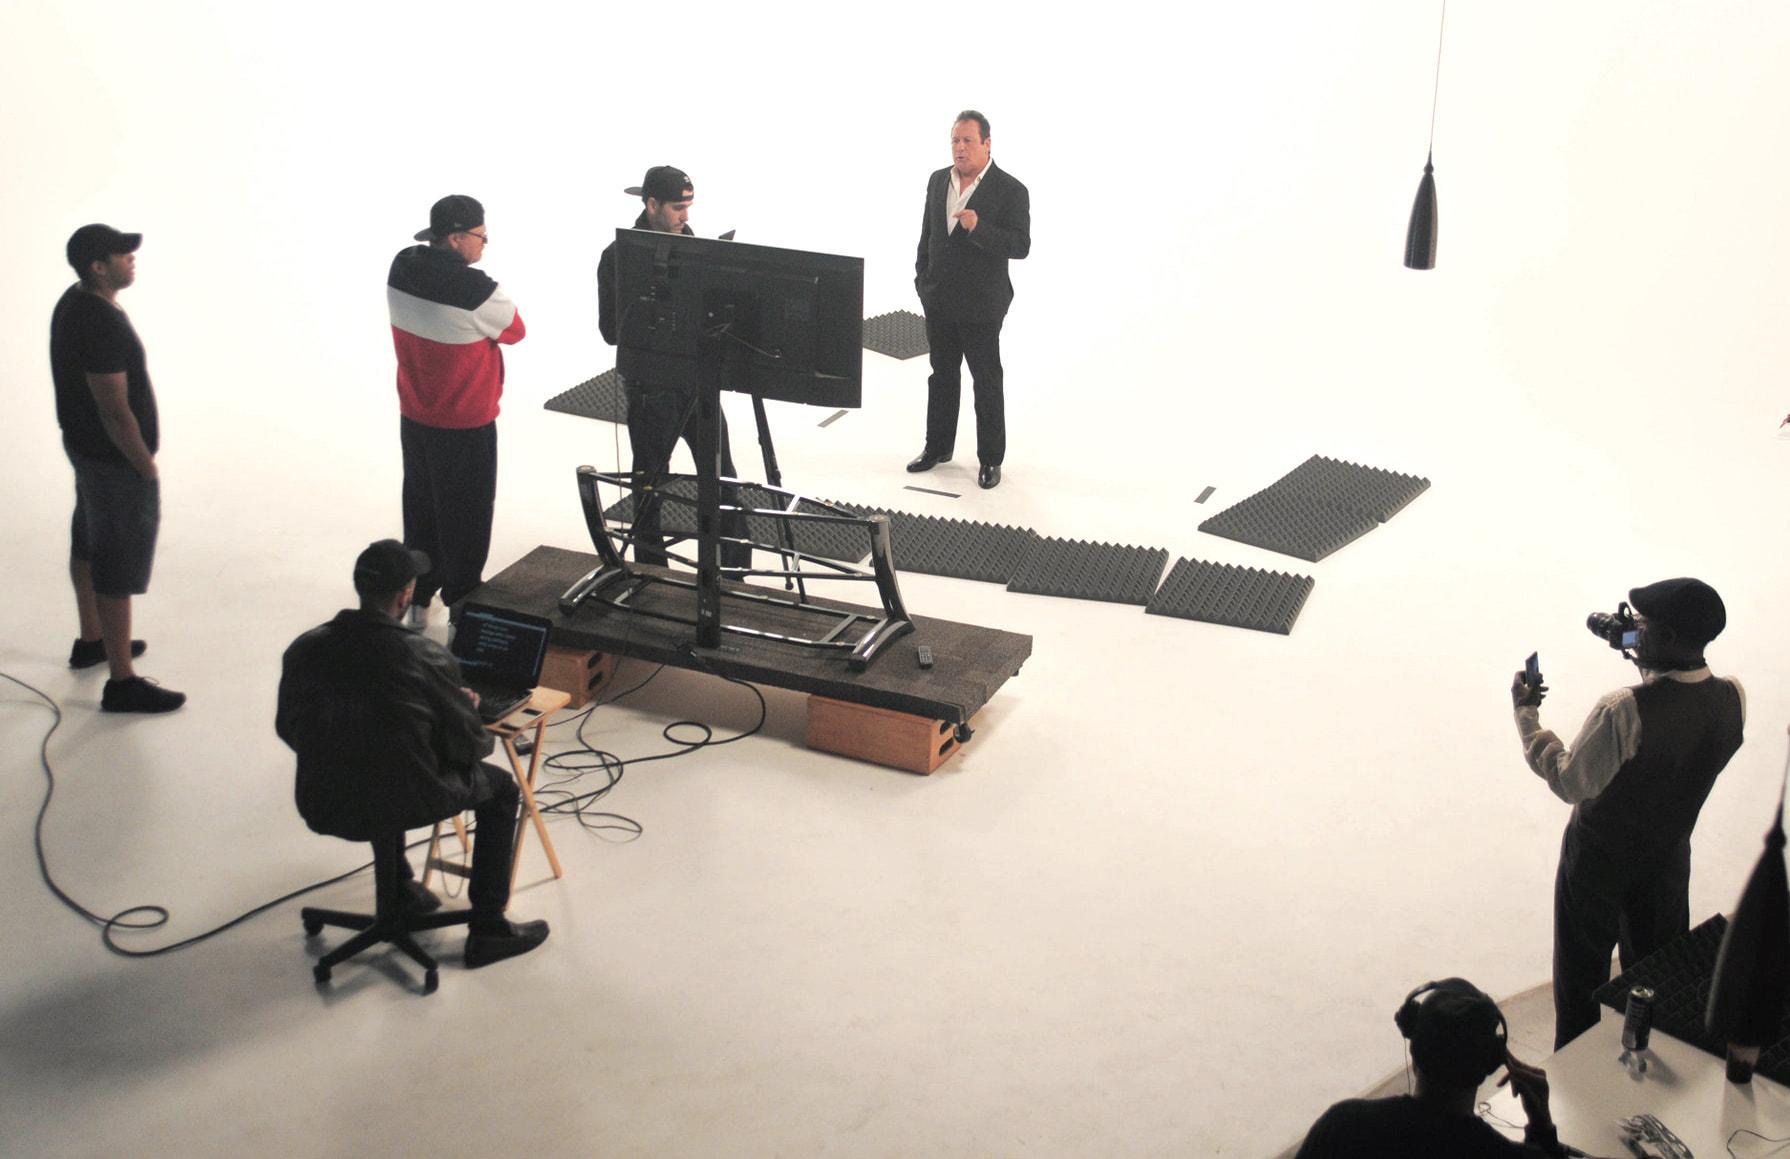 Jackfruit-studios-behind-the-scenes